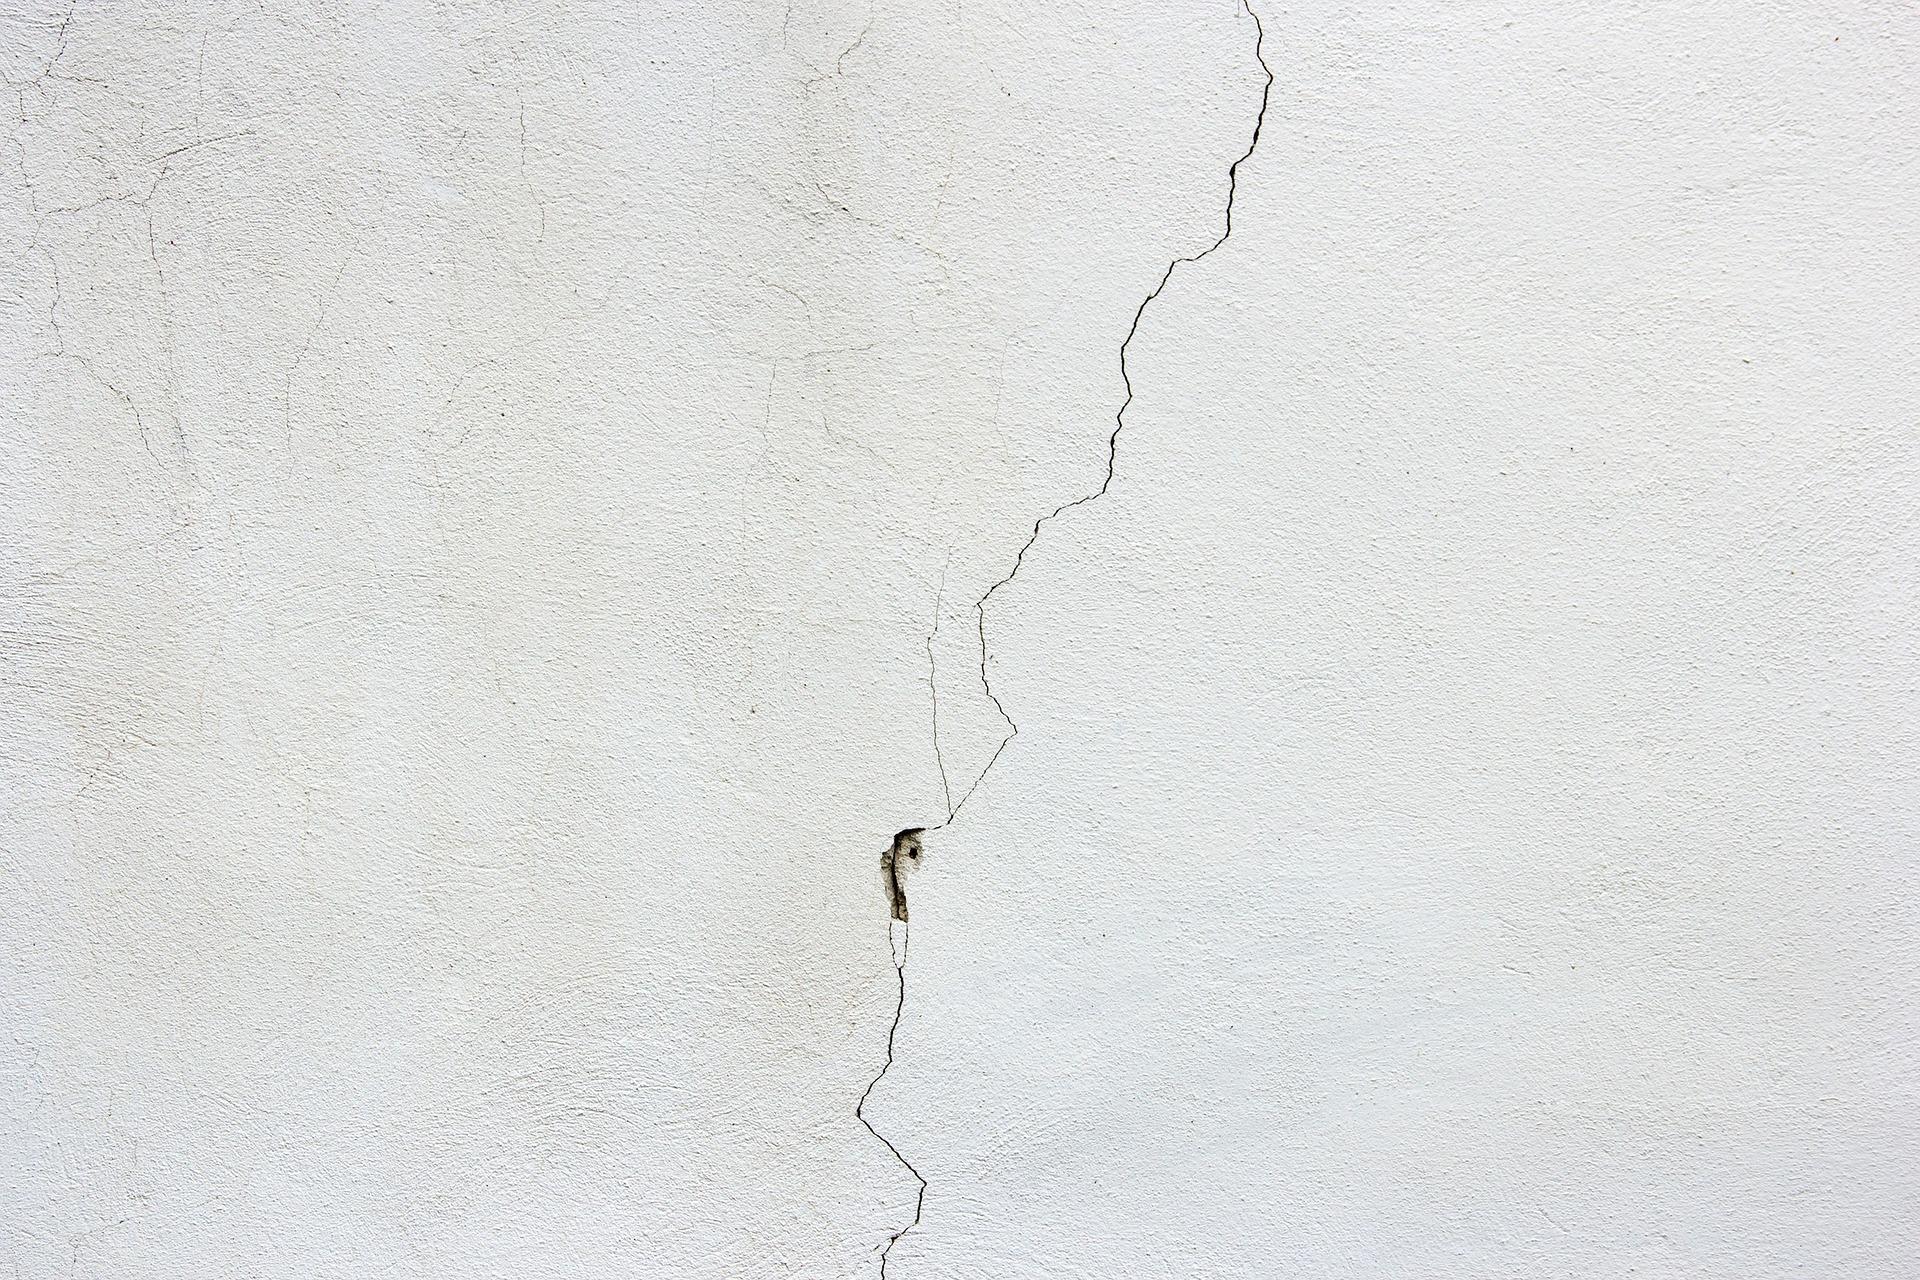 Decorator To Repair Ceiling Cracks - Handy Squad